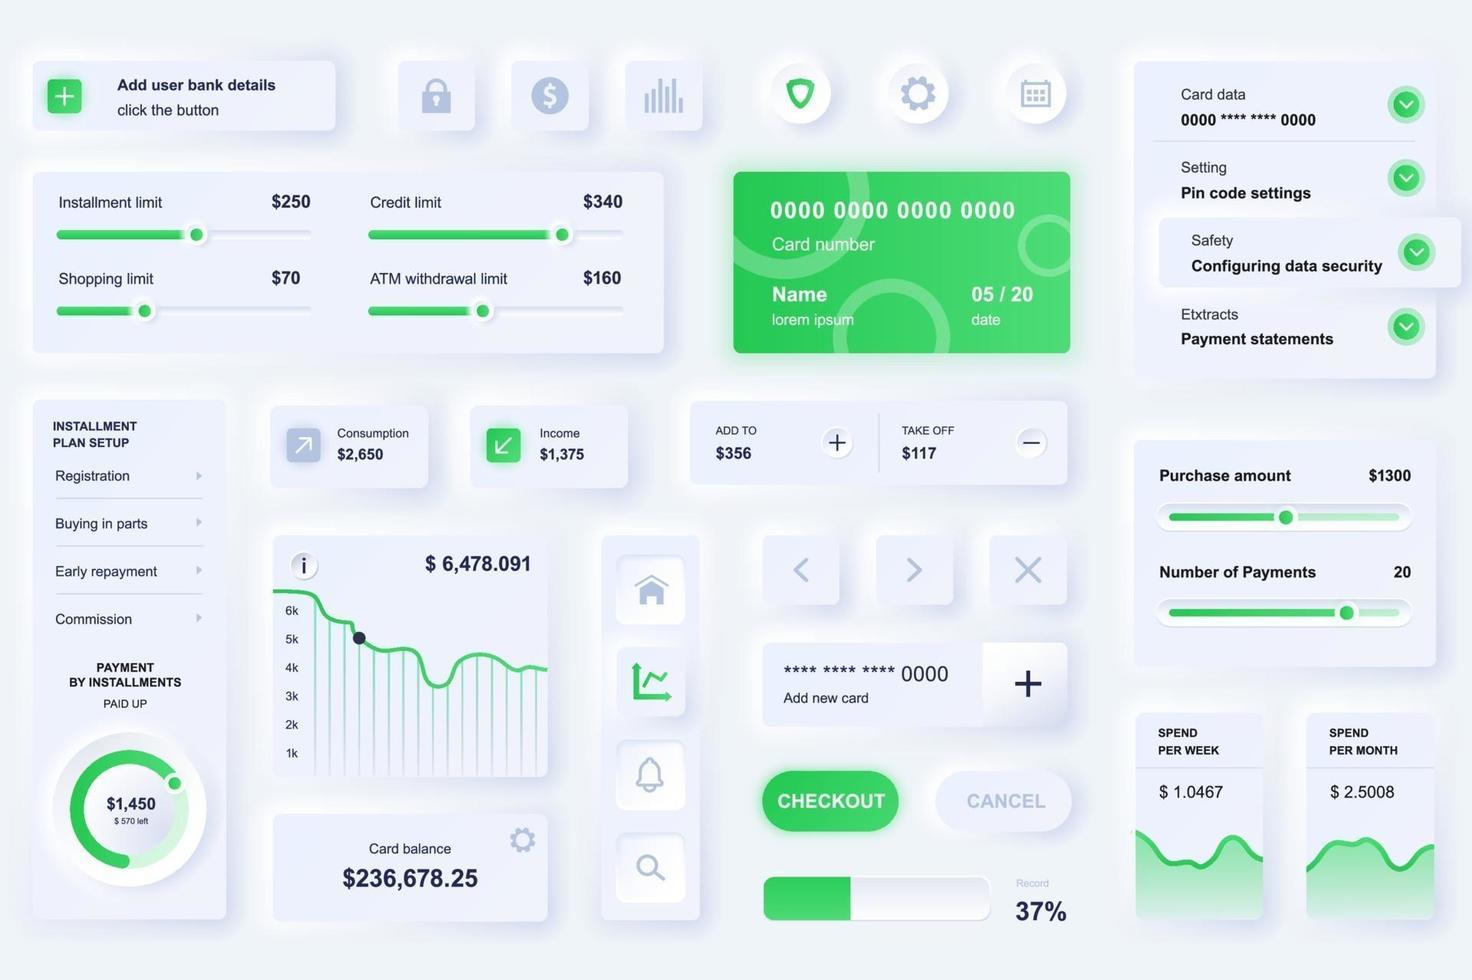 Elemente der Benutzeroberfläche für das Online-Banking Mobile App Neumorphic Design UI-Elemente Vorlage vektor